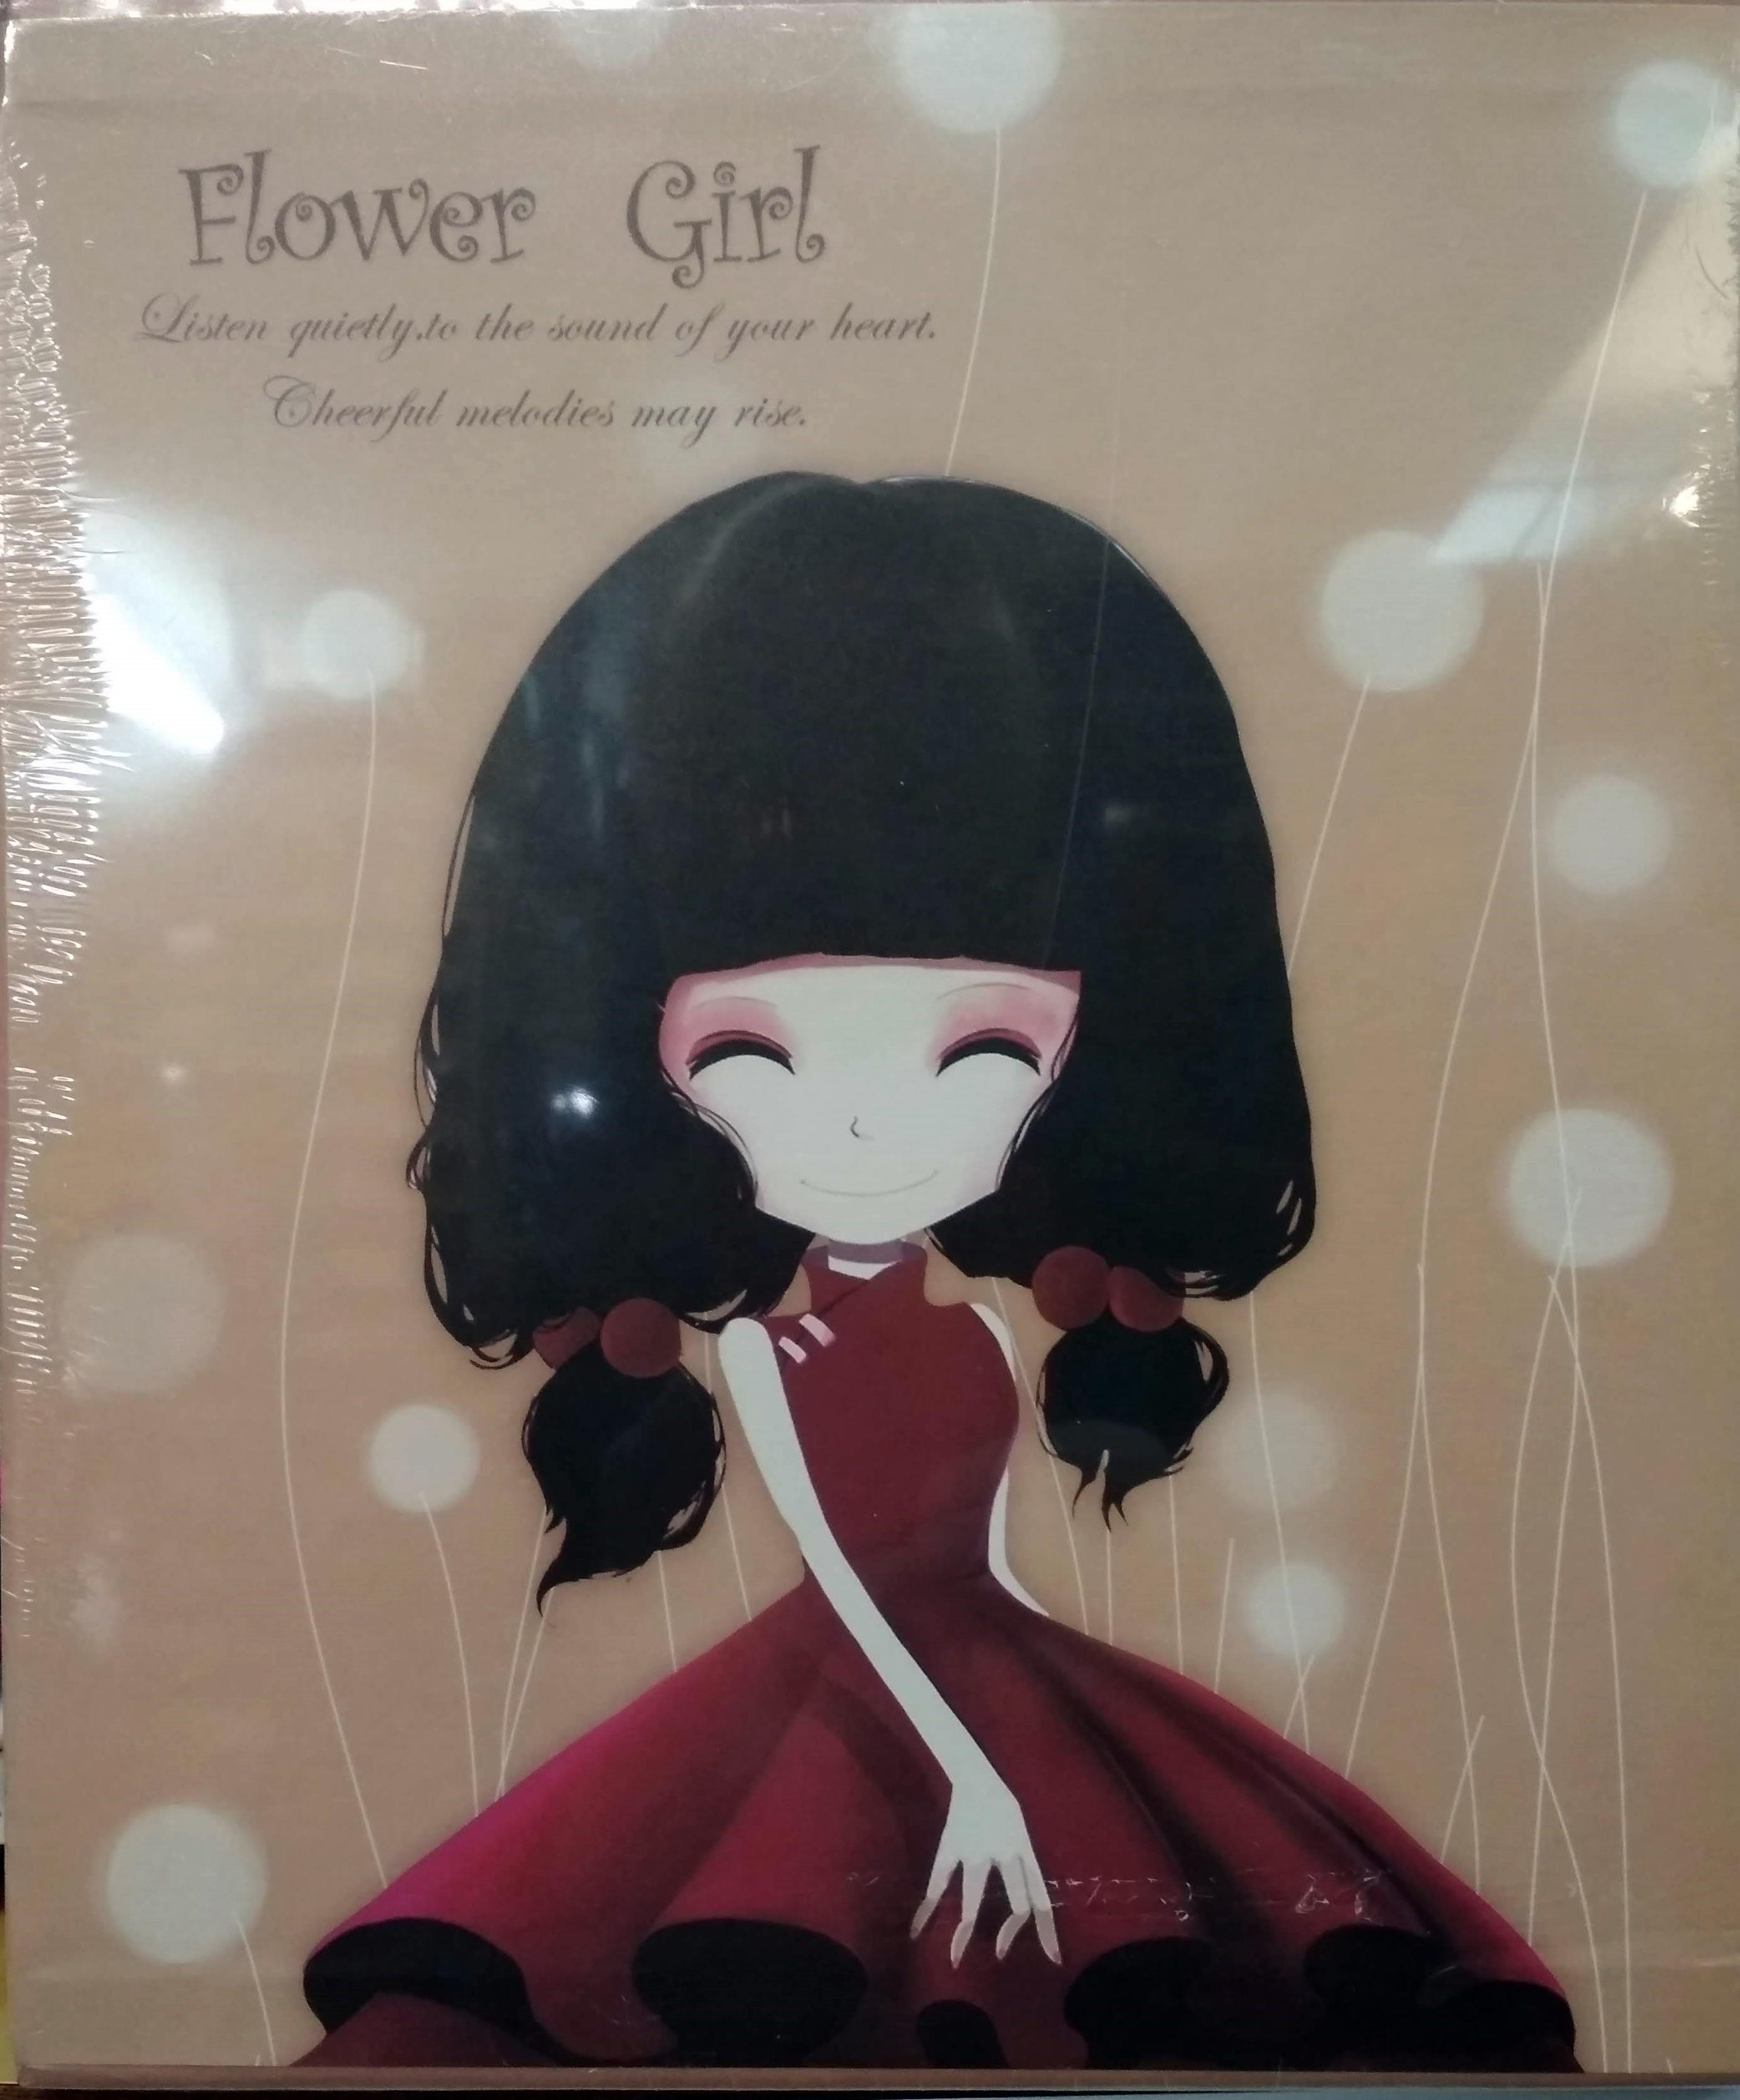 Album de fotos Flower Girl